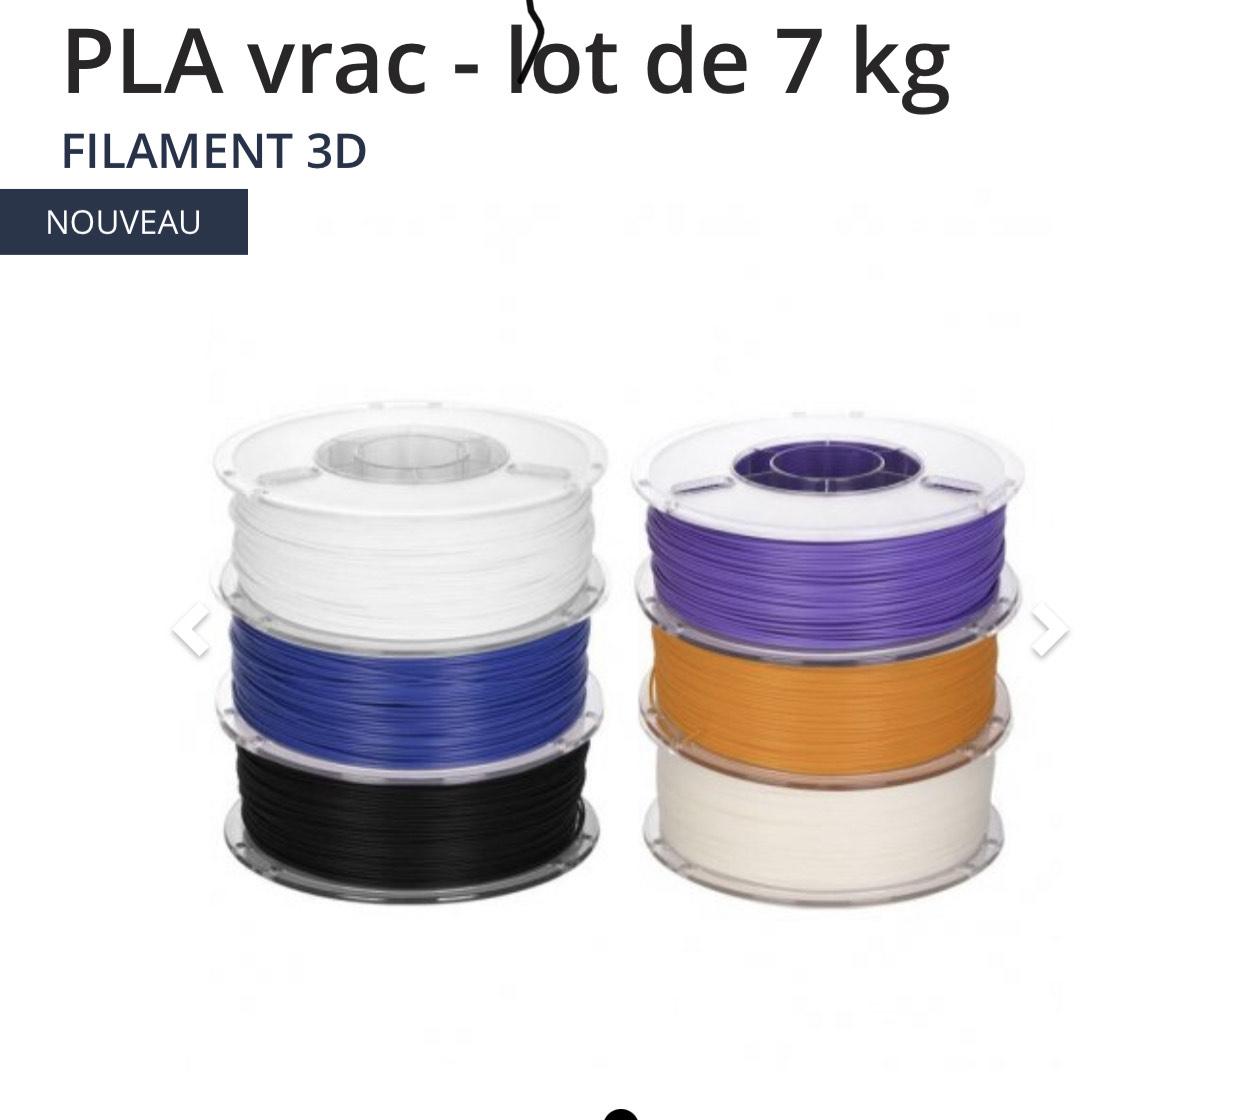 Lot de filaments pour imprimante 3D PLA (1.75 mm, 7 kg, différents coloris) - MakerShop.fr